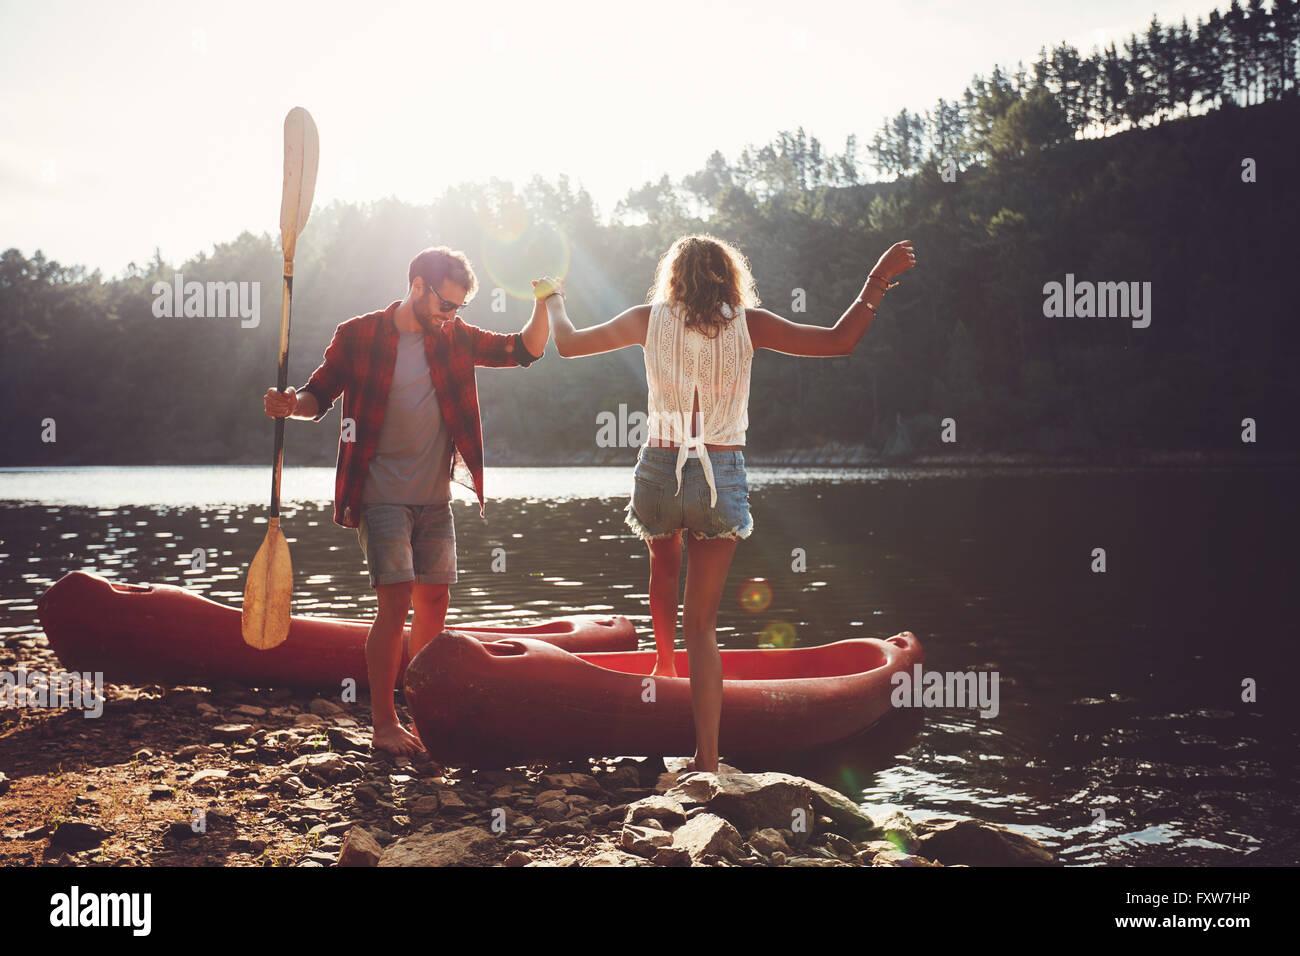 Mujer joven ayudando a ejecutar paso a paso el kayak. Par ir para un paseo en canoa en el lago. Foto de stock